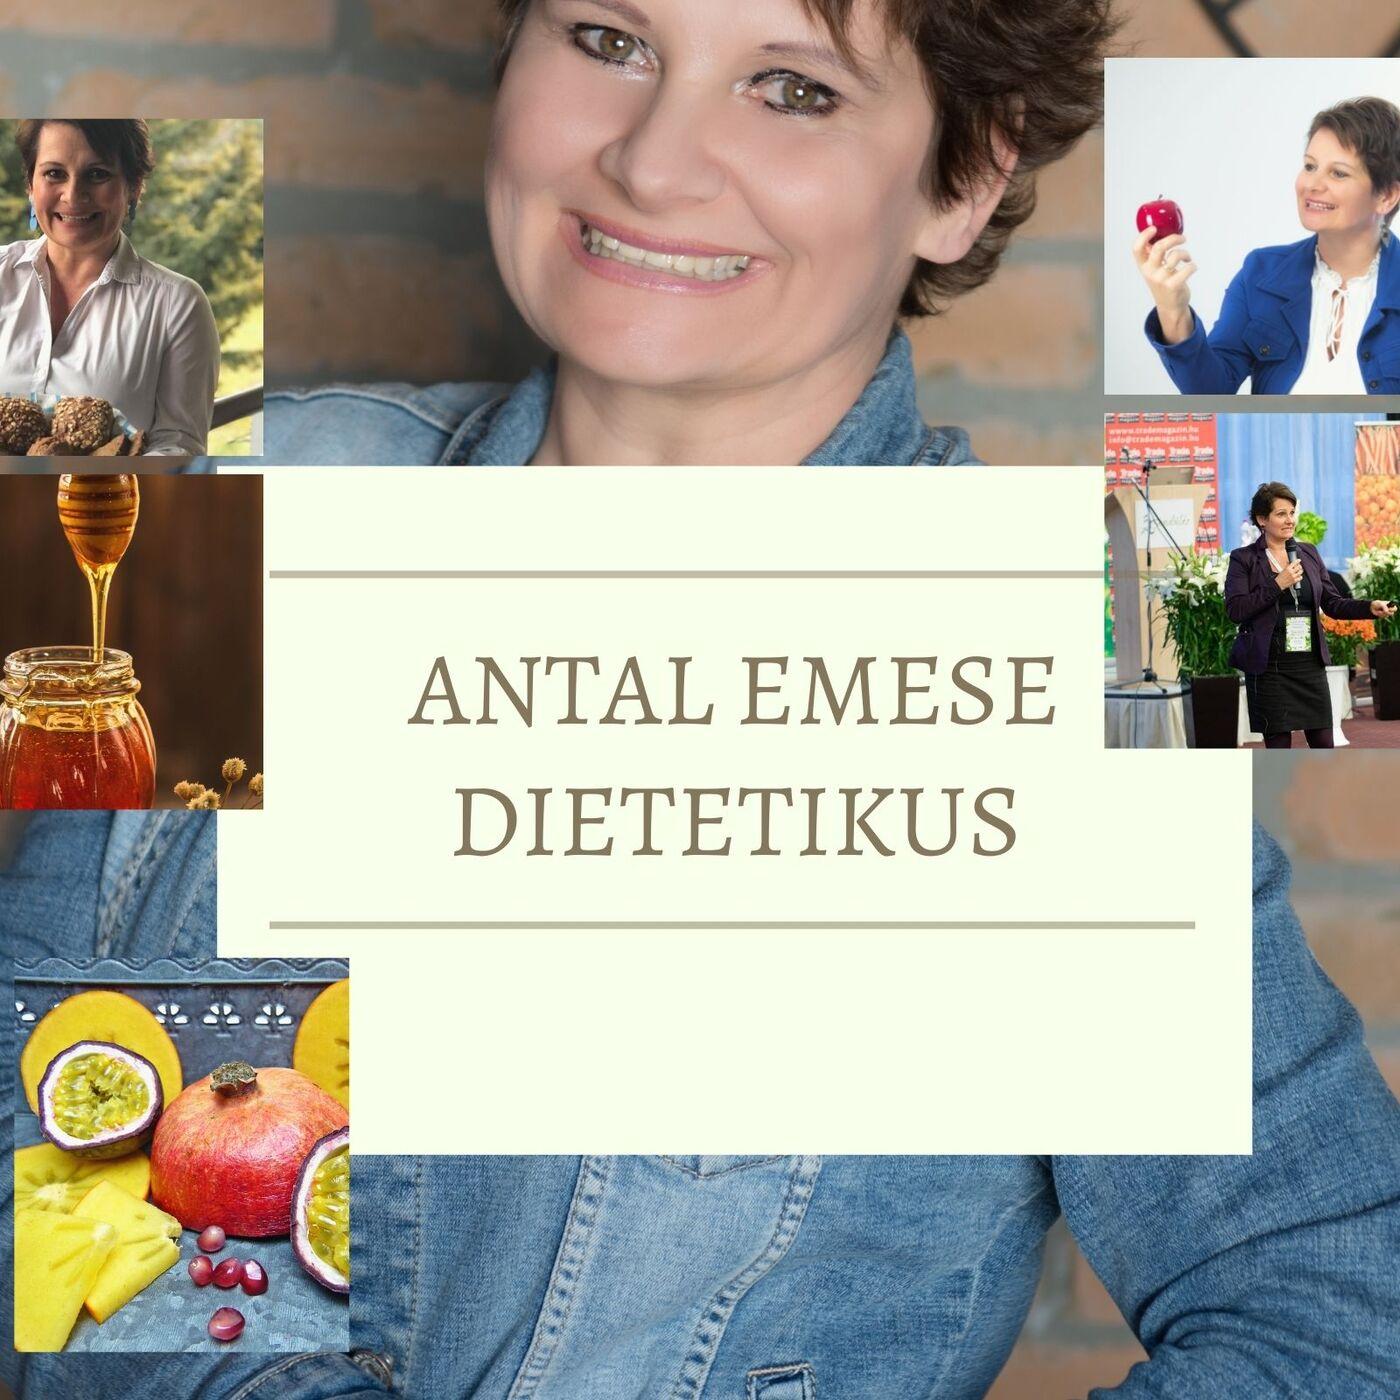 Antal Emese dietetikus